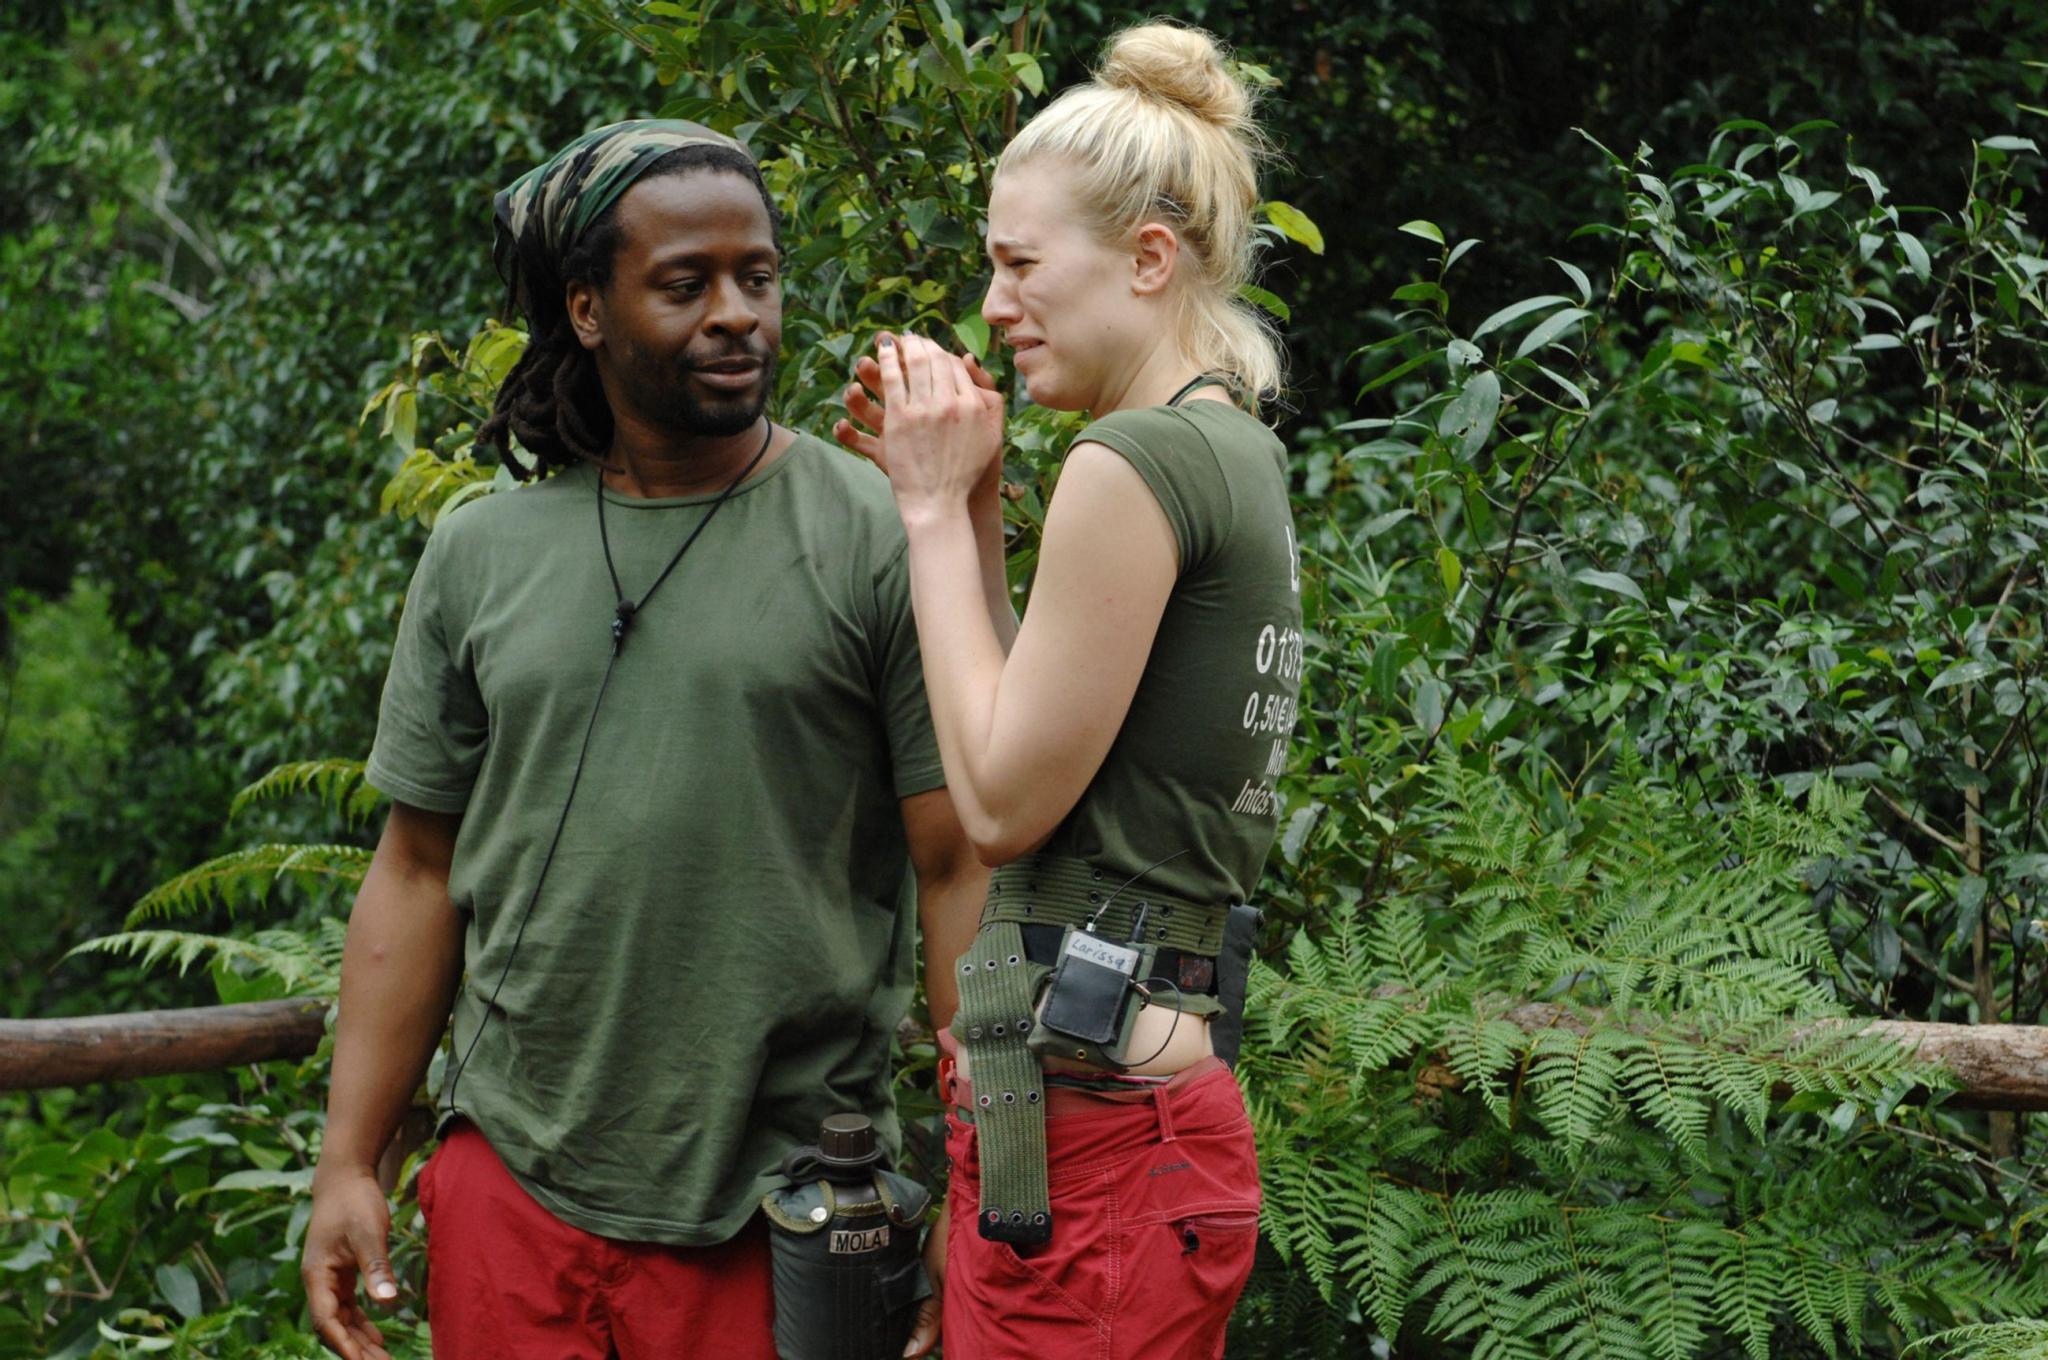 Dschungelcamp: Camper am Abgrund